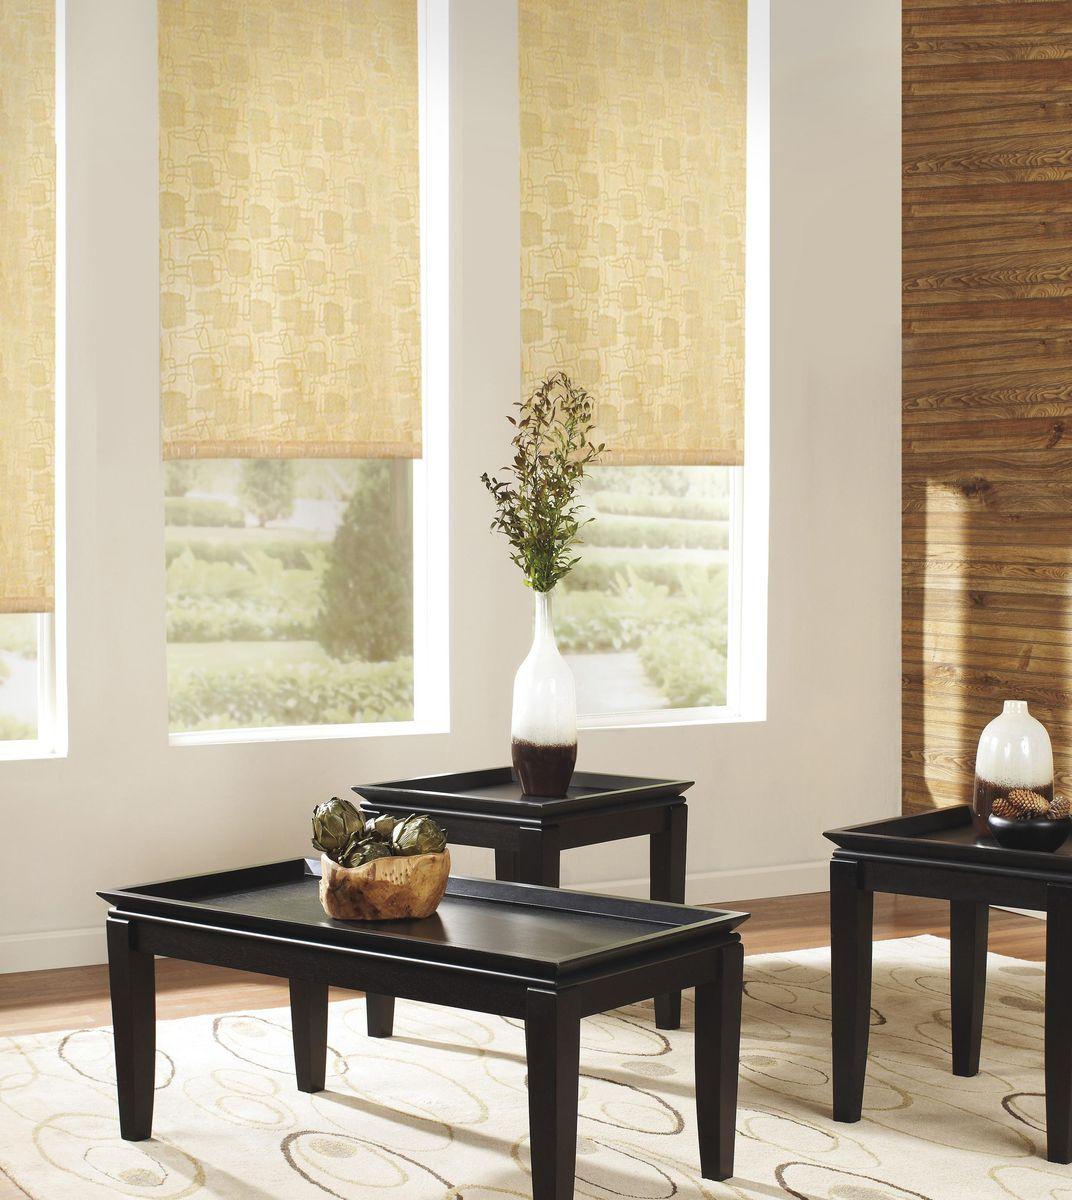 Штора рулонная Эскар Эдем, цвет: золотистый, ширина 120 см, высота 160 см87212120160Рулонными шторами можно оформлять окна как самостоятельно, так и использовать в комбинации с портьерами. Это поможет предотвратить выгорание дорогой ткани на солнце и соединит функционал рулонных с красотой навесных. Преимущества применения рулонных штор для пластиковых окон: - имеют прекрасный внешний вид: многообразие и фактурность материала изделия отлично смотрятся в любом интерьере; - многофункциональны: есть возможность подобрать шторы способные эффективно защитить комнату от солнца, при этом она не будет слишком темной. - Есть возможность осуществить быстрый монтаж. ВНИМАНИЕ! Размеры ширины изделия указаны по ширине ткани! Во время эксплуатации не рекомендуется полностью разматывать рулон, чтобы не оторвать ткань от намоточного вала. В случае загрязнения поверхности ткани, чистку шторы проводят одним из способов, в зависимости от типа загрязнения: легкое поверхностное загрязнение можно удалить при помощи канцелярского ластика; чистка от пыли производится сухим методом при...